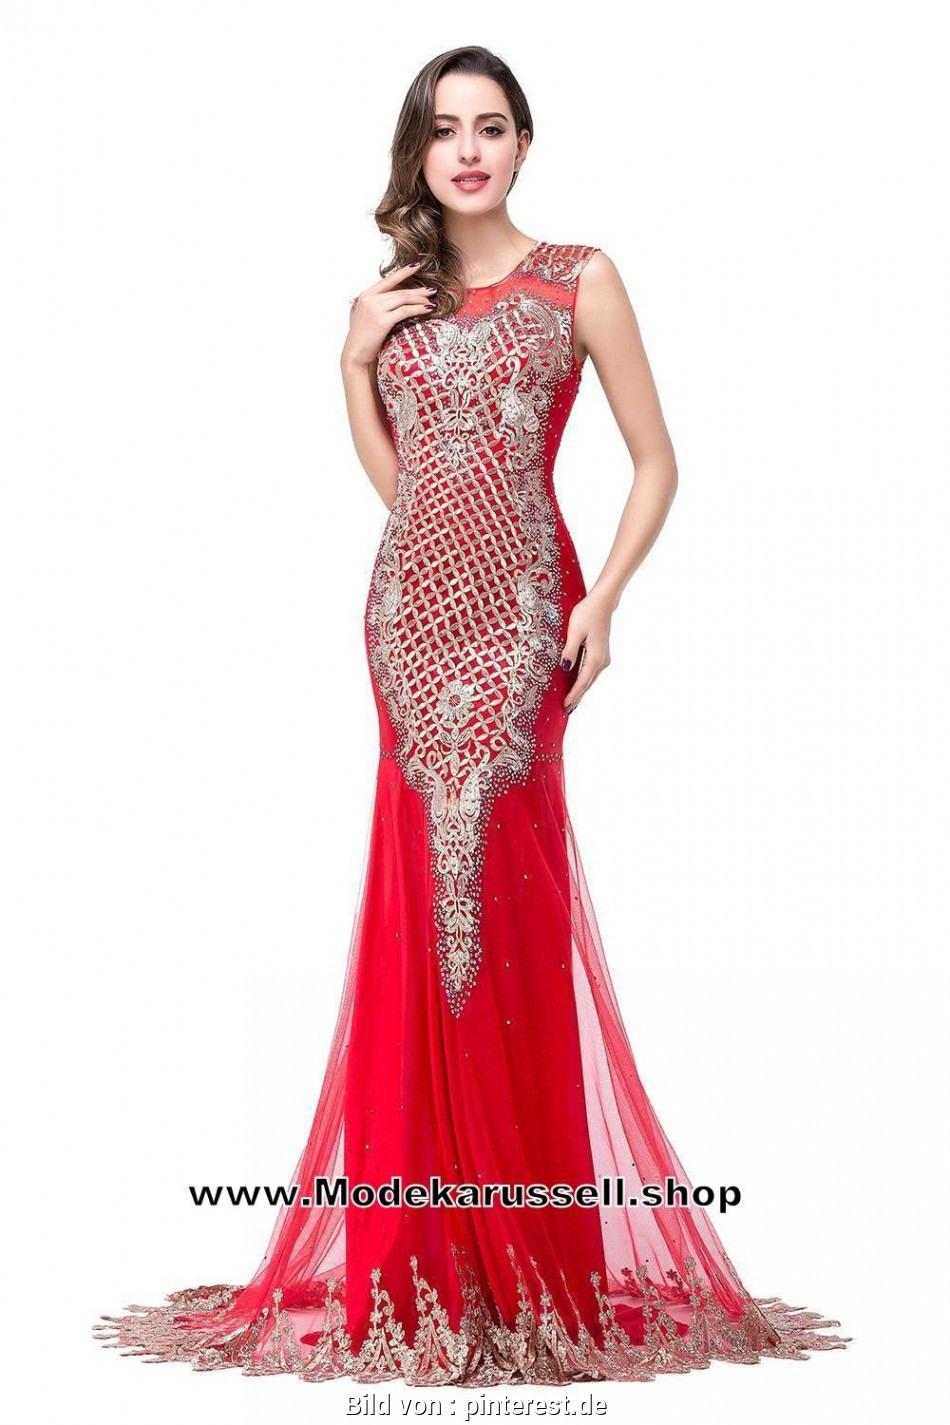 Formal Top Abendkleider Günstig Kaufen Online Vertrieb10 Fantastisch Abendkleider Günstig Kaufen Online Boutique